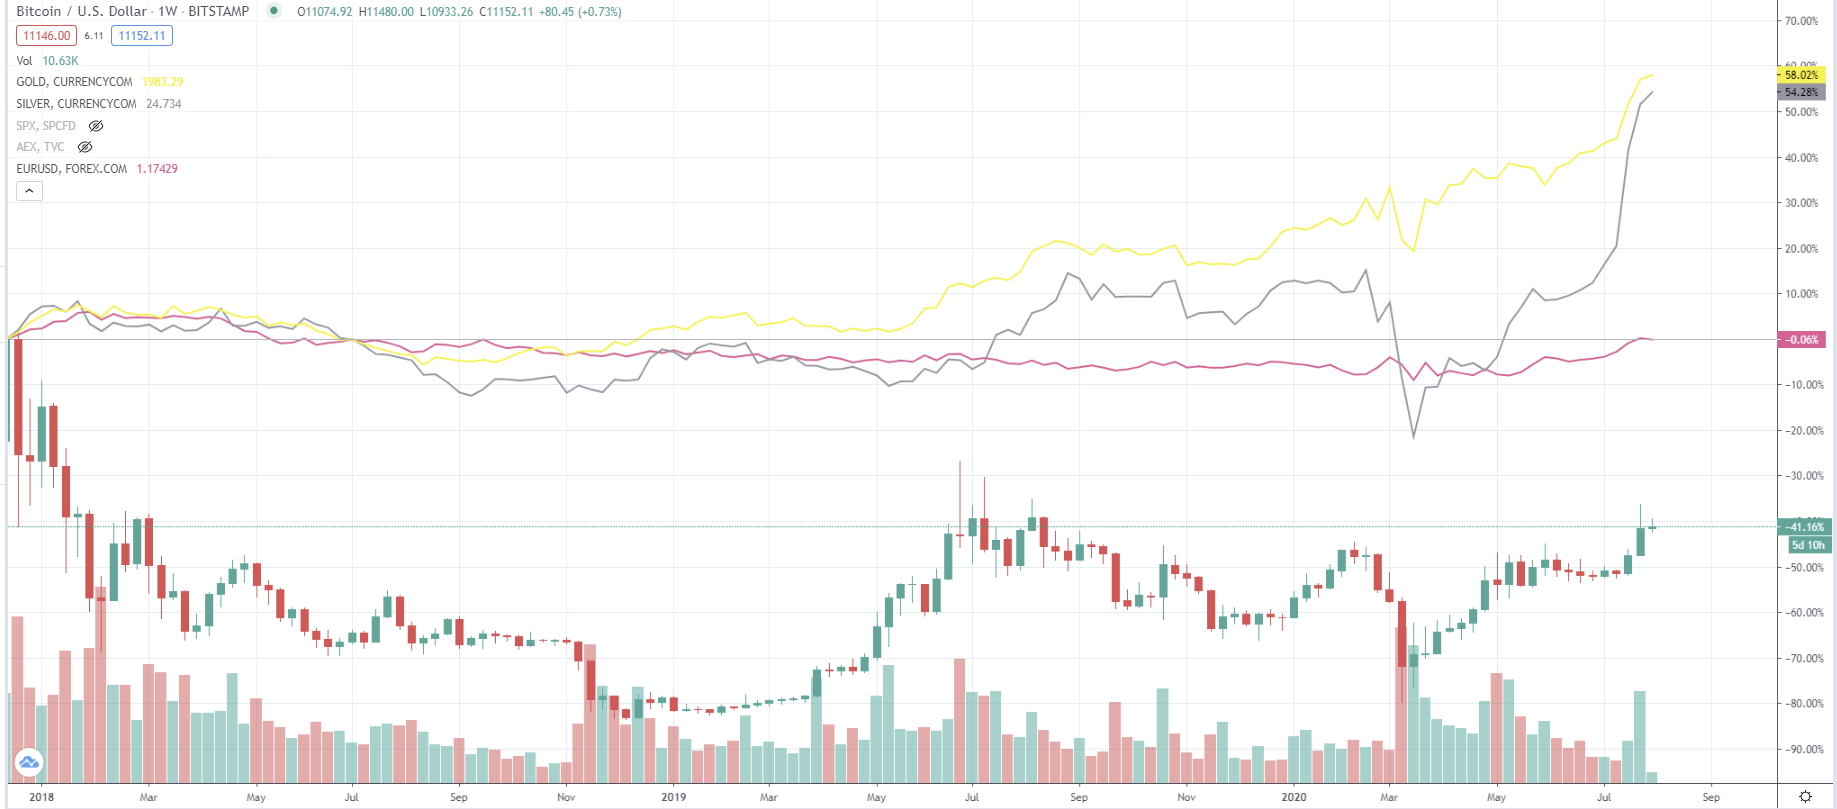 اتجاه السعر - البيتكوين - الذهب - الفضة - العملة